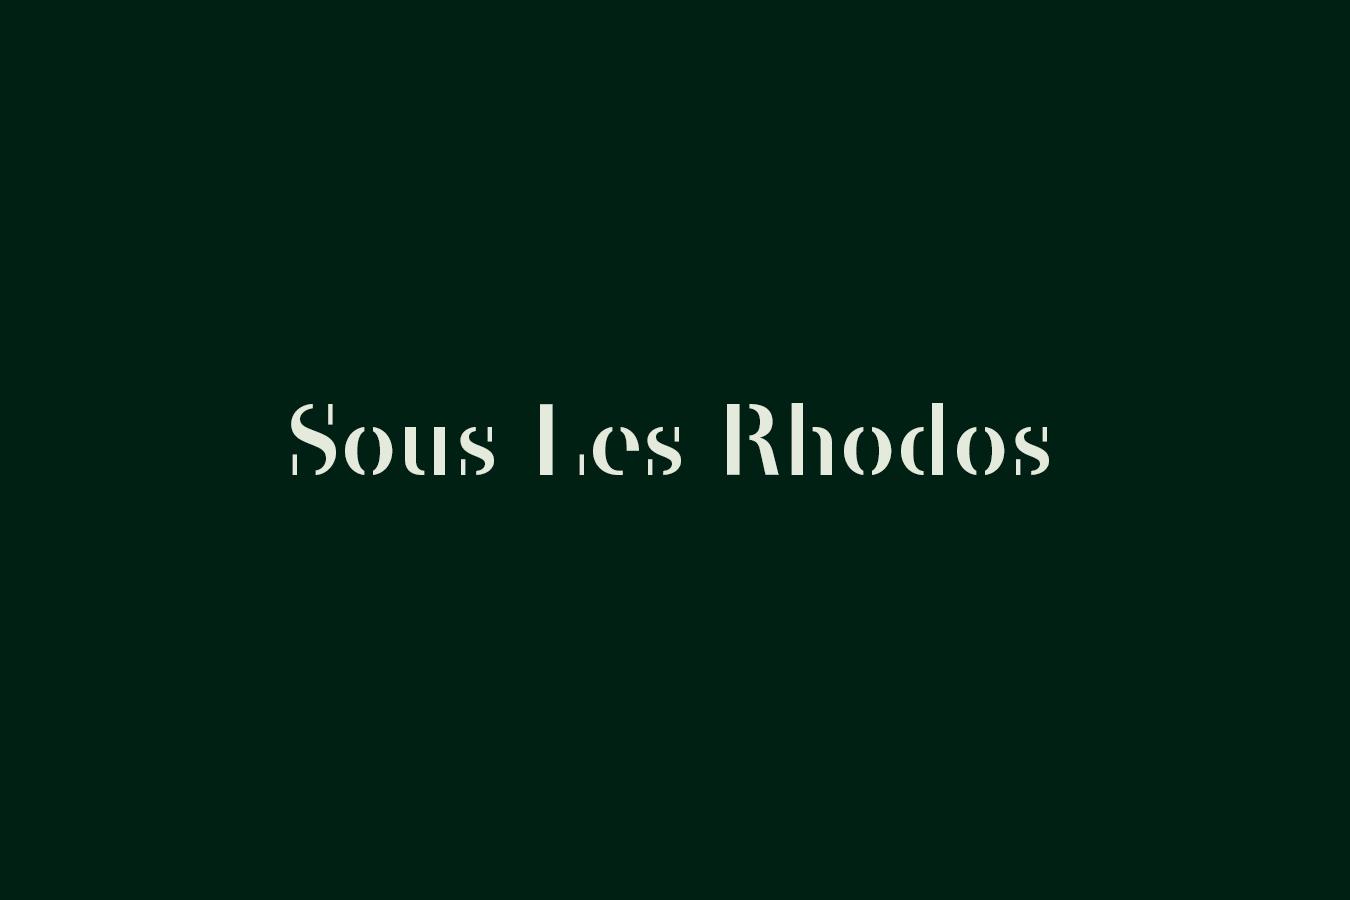 domaine-de-ronchine-seminaires-espaces-insolites-sous-les-rhodos-01.jpg